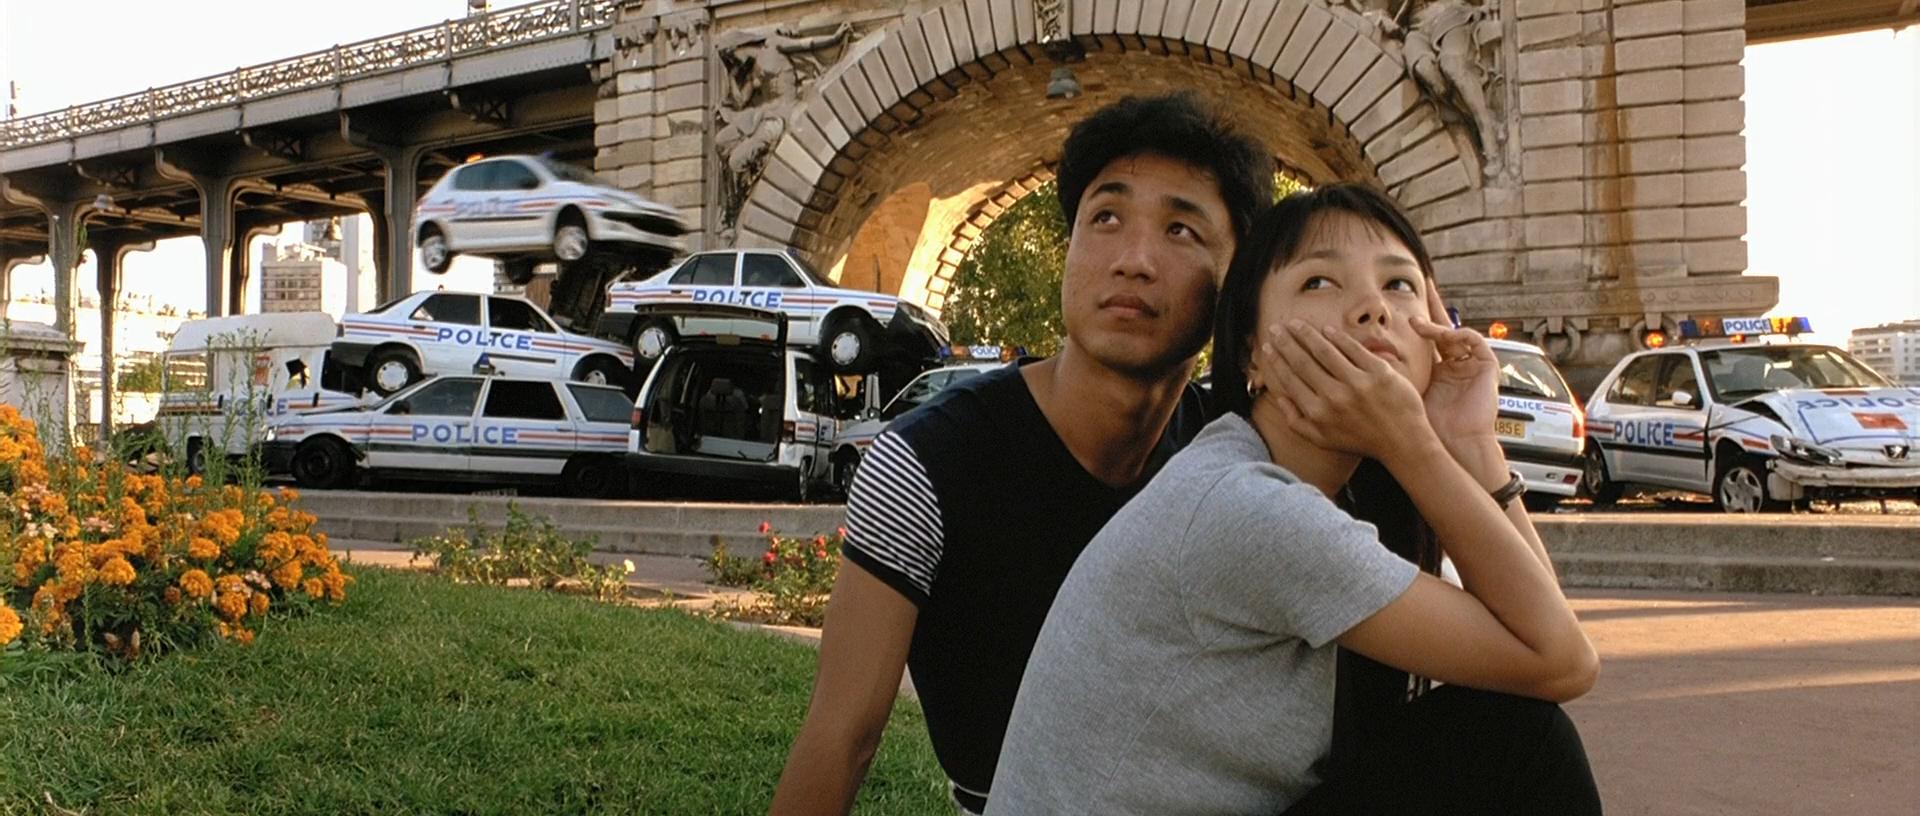 Девушка даниэля из фильма такси фото